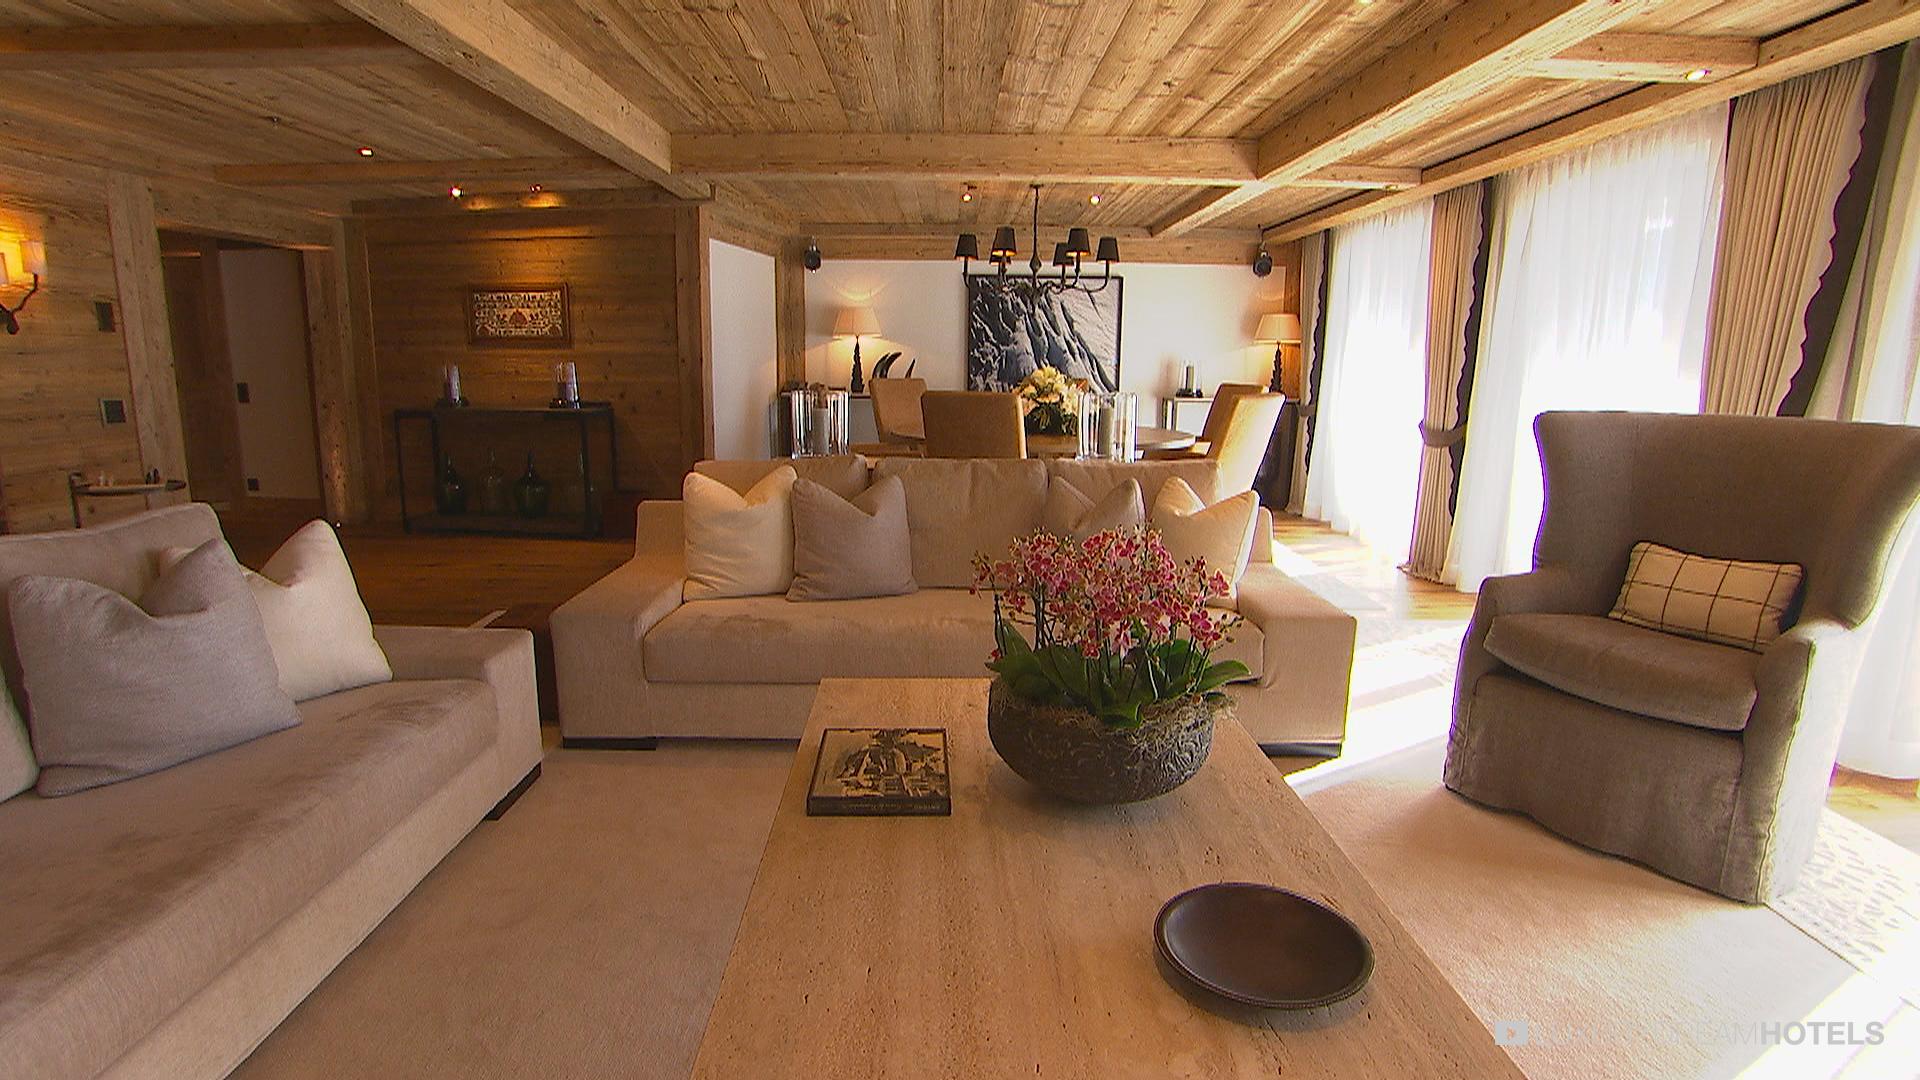 Luxury Hotel The Alpina Gstaad Gstaad Switzerland Luxury Dream - Alpina hotel gstaad